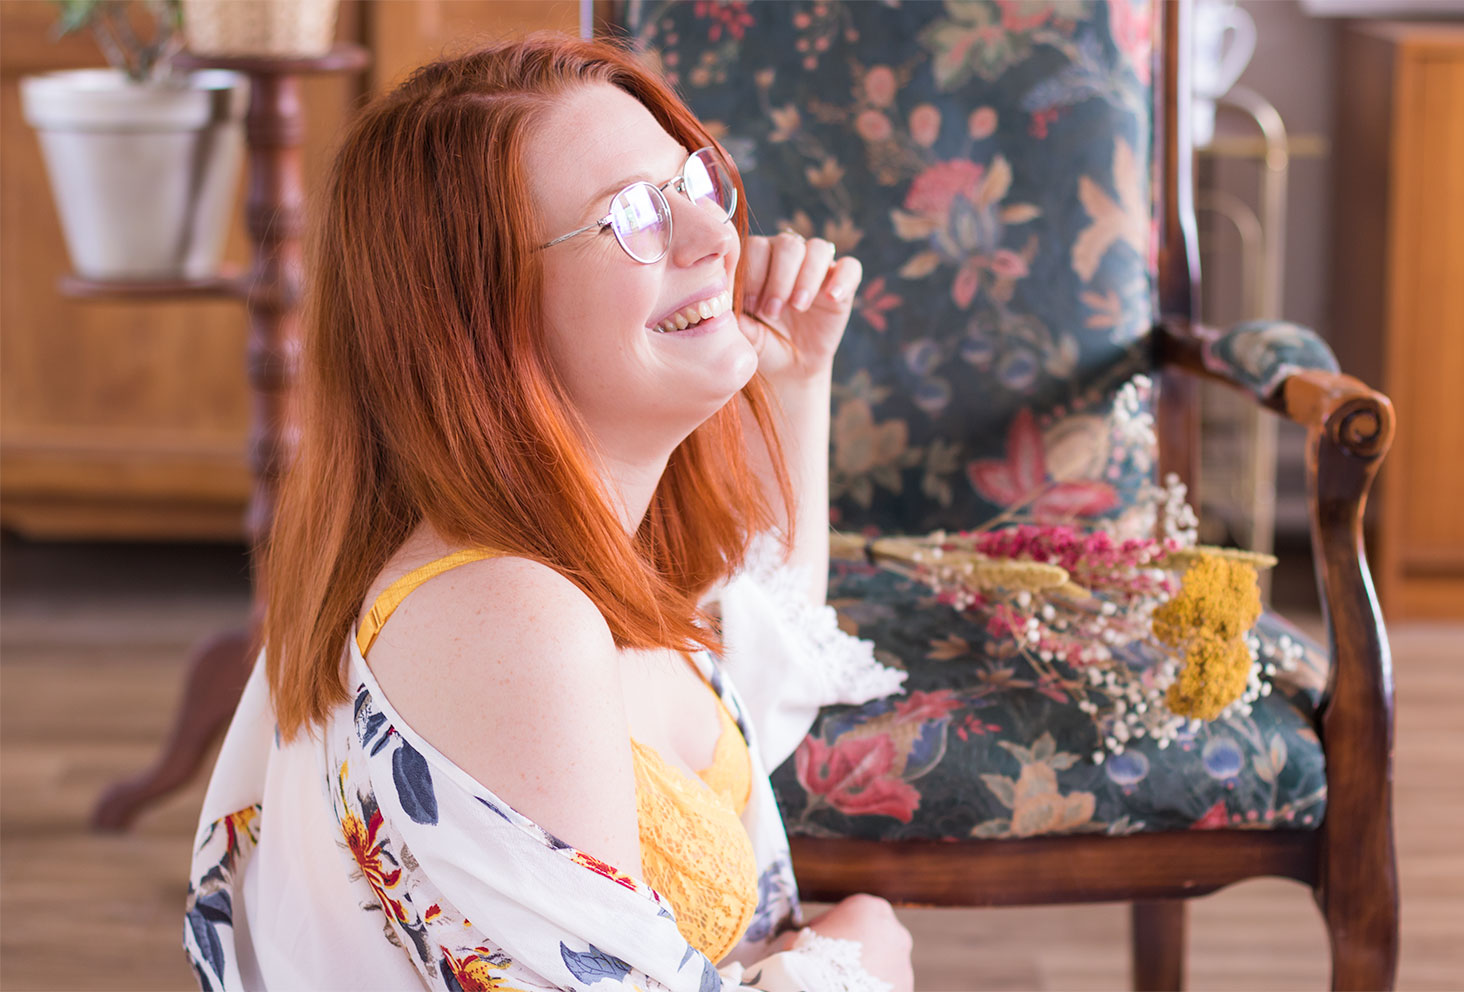 Photo portrait de profil, avec un grand sourire accoudée à un fauteuil fleuri, en sous-vêtements en dentelle jaune Pomm'Poire